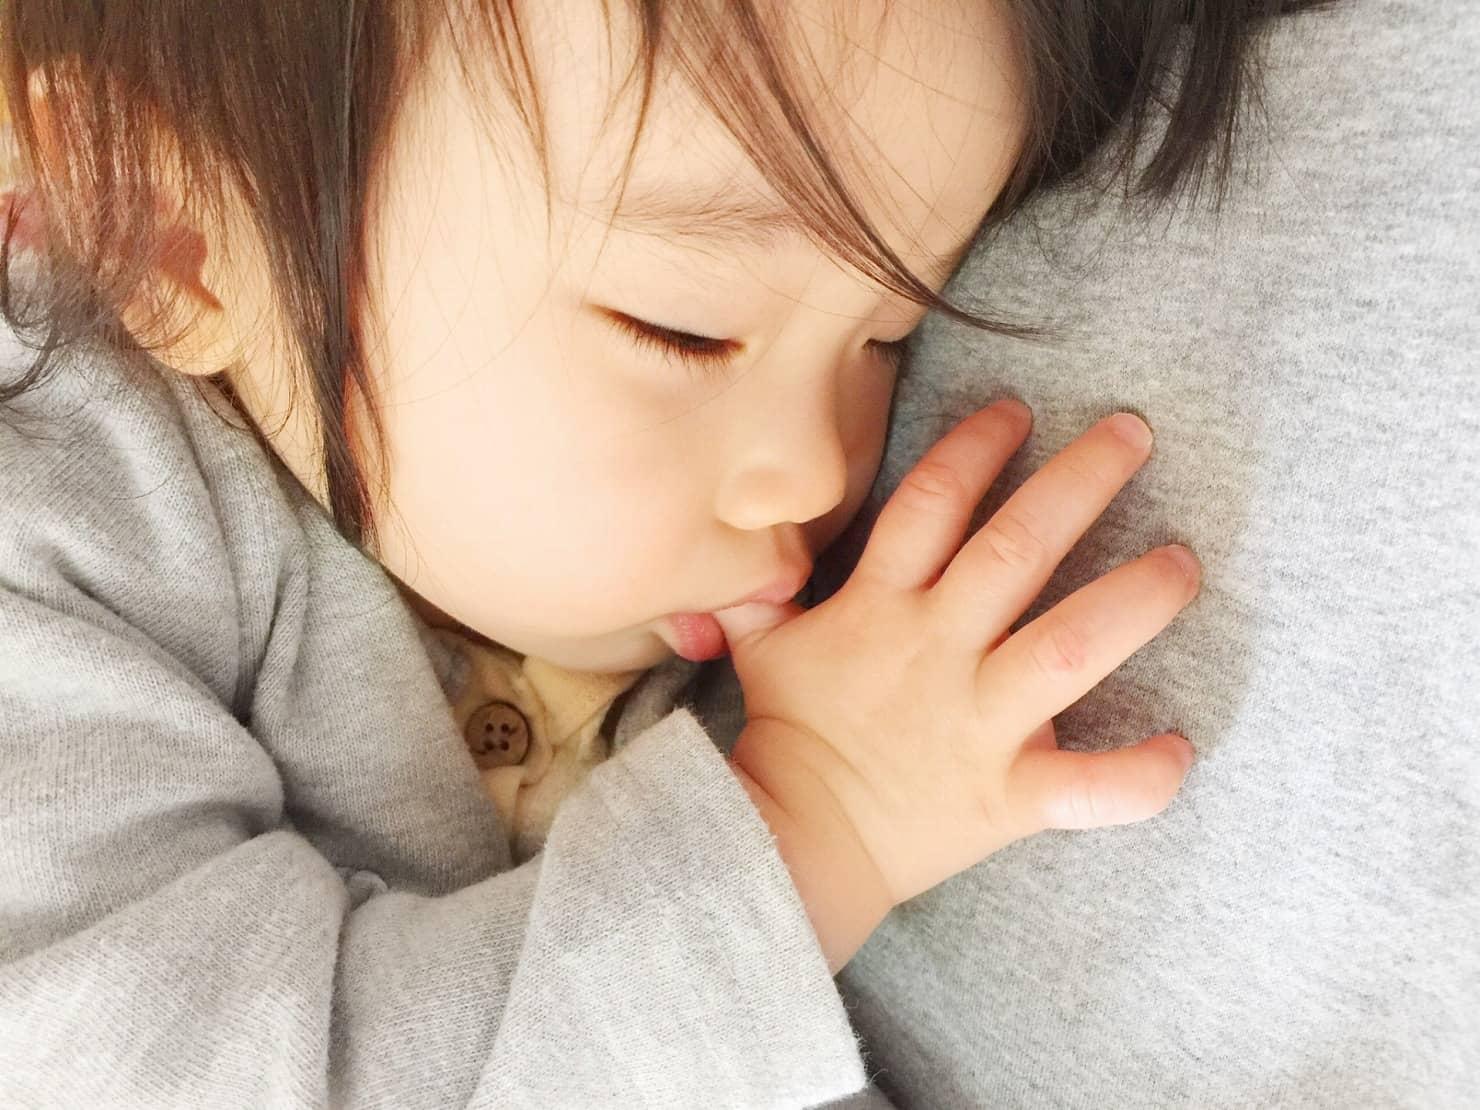 指しゃぶりは子供がいつから何歳までする? 歯の影響や傷などについても紹介